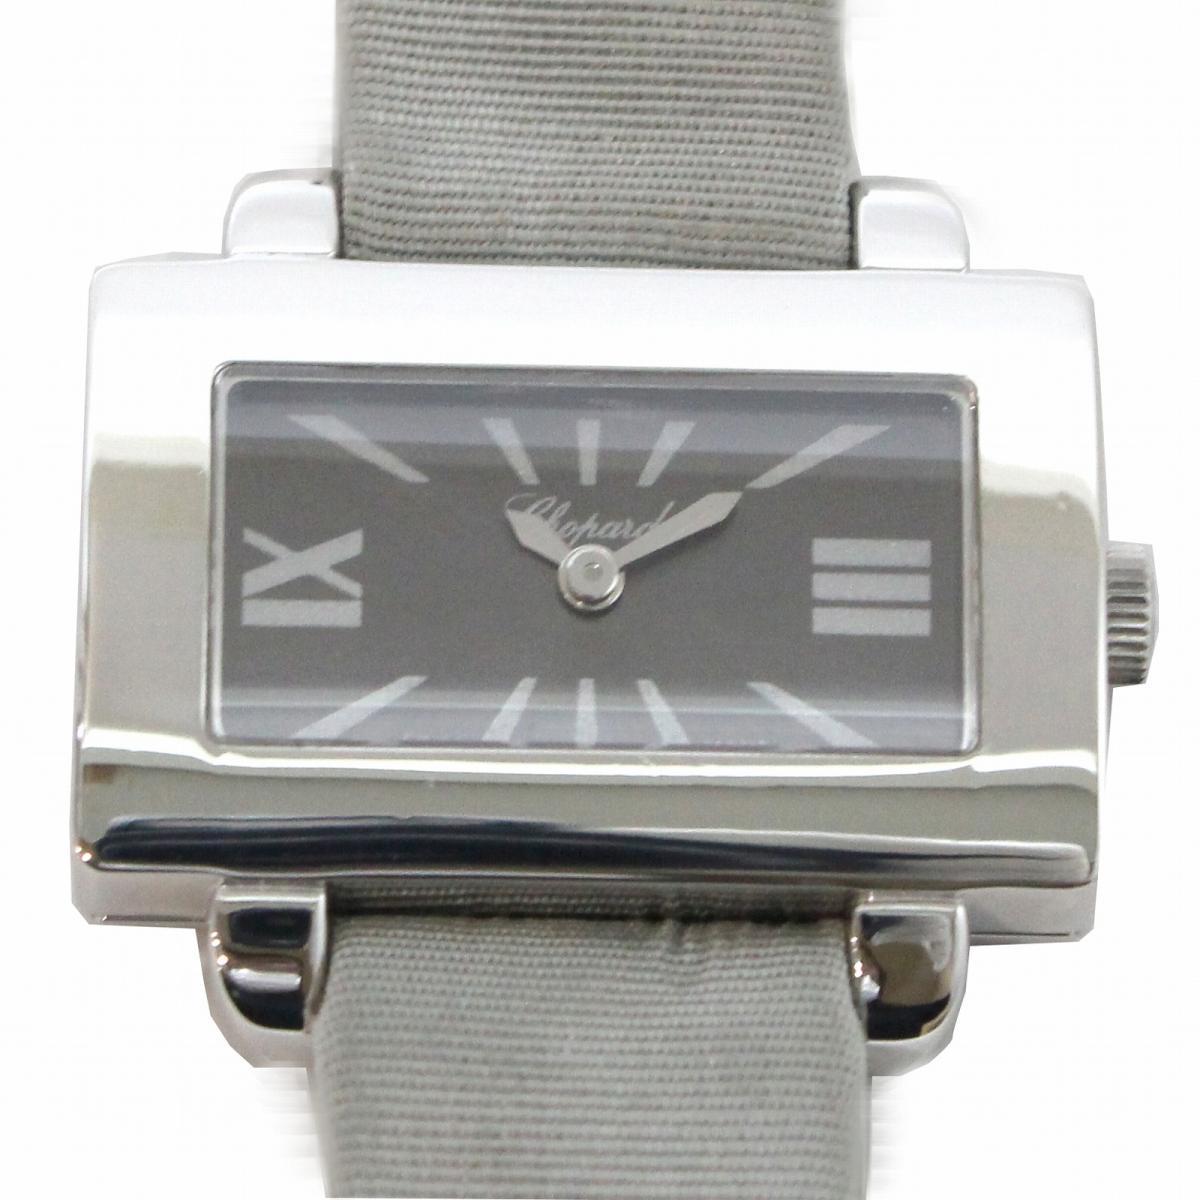 【中古】 ショパール 時計 腕時計 レディース ステンレススチール (SS) シルバー | Chopard BRANDOFF ブランドオフ ブランド ブランド時計 ブランド腕時計 ウォッチ